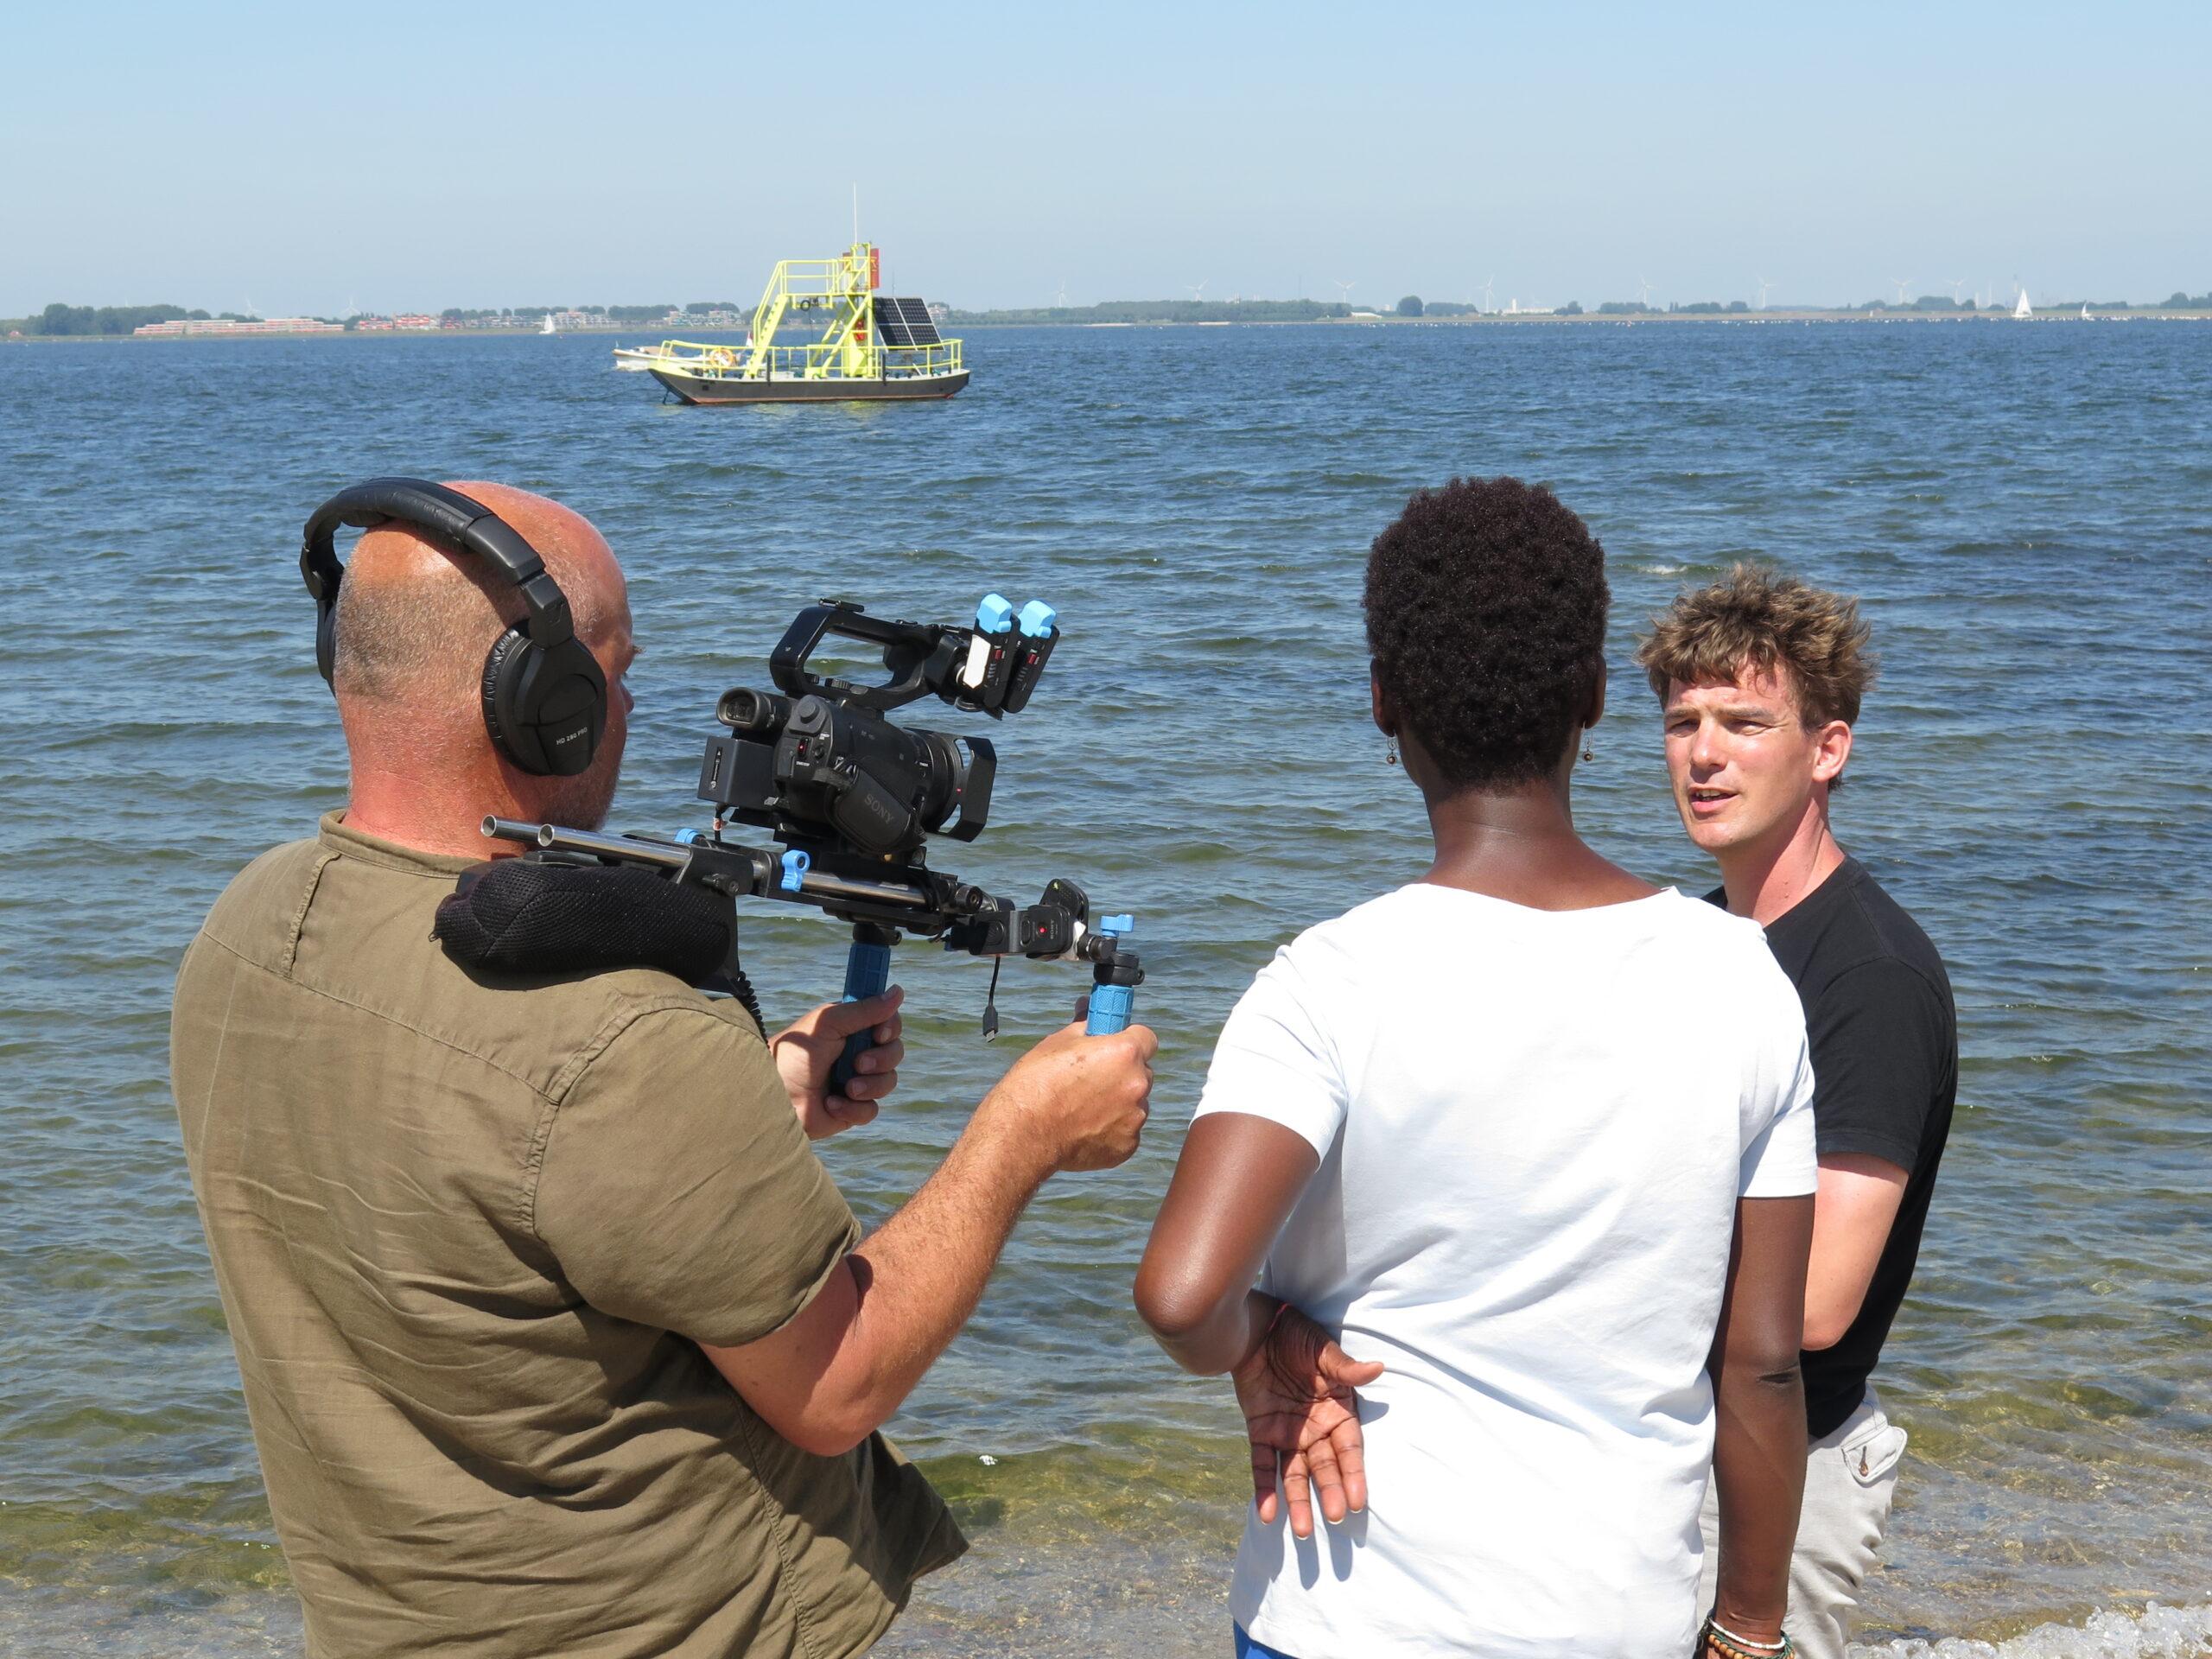 Nijland is being filmed by tv-show Vroege Vogelswordt gefilmd door Vroege Vogels